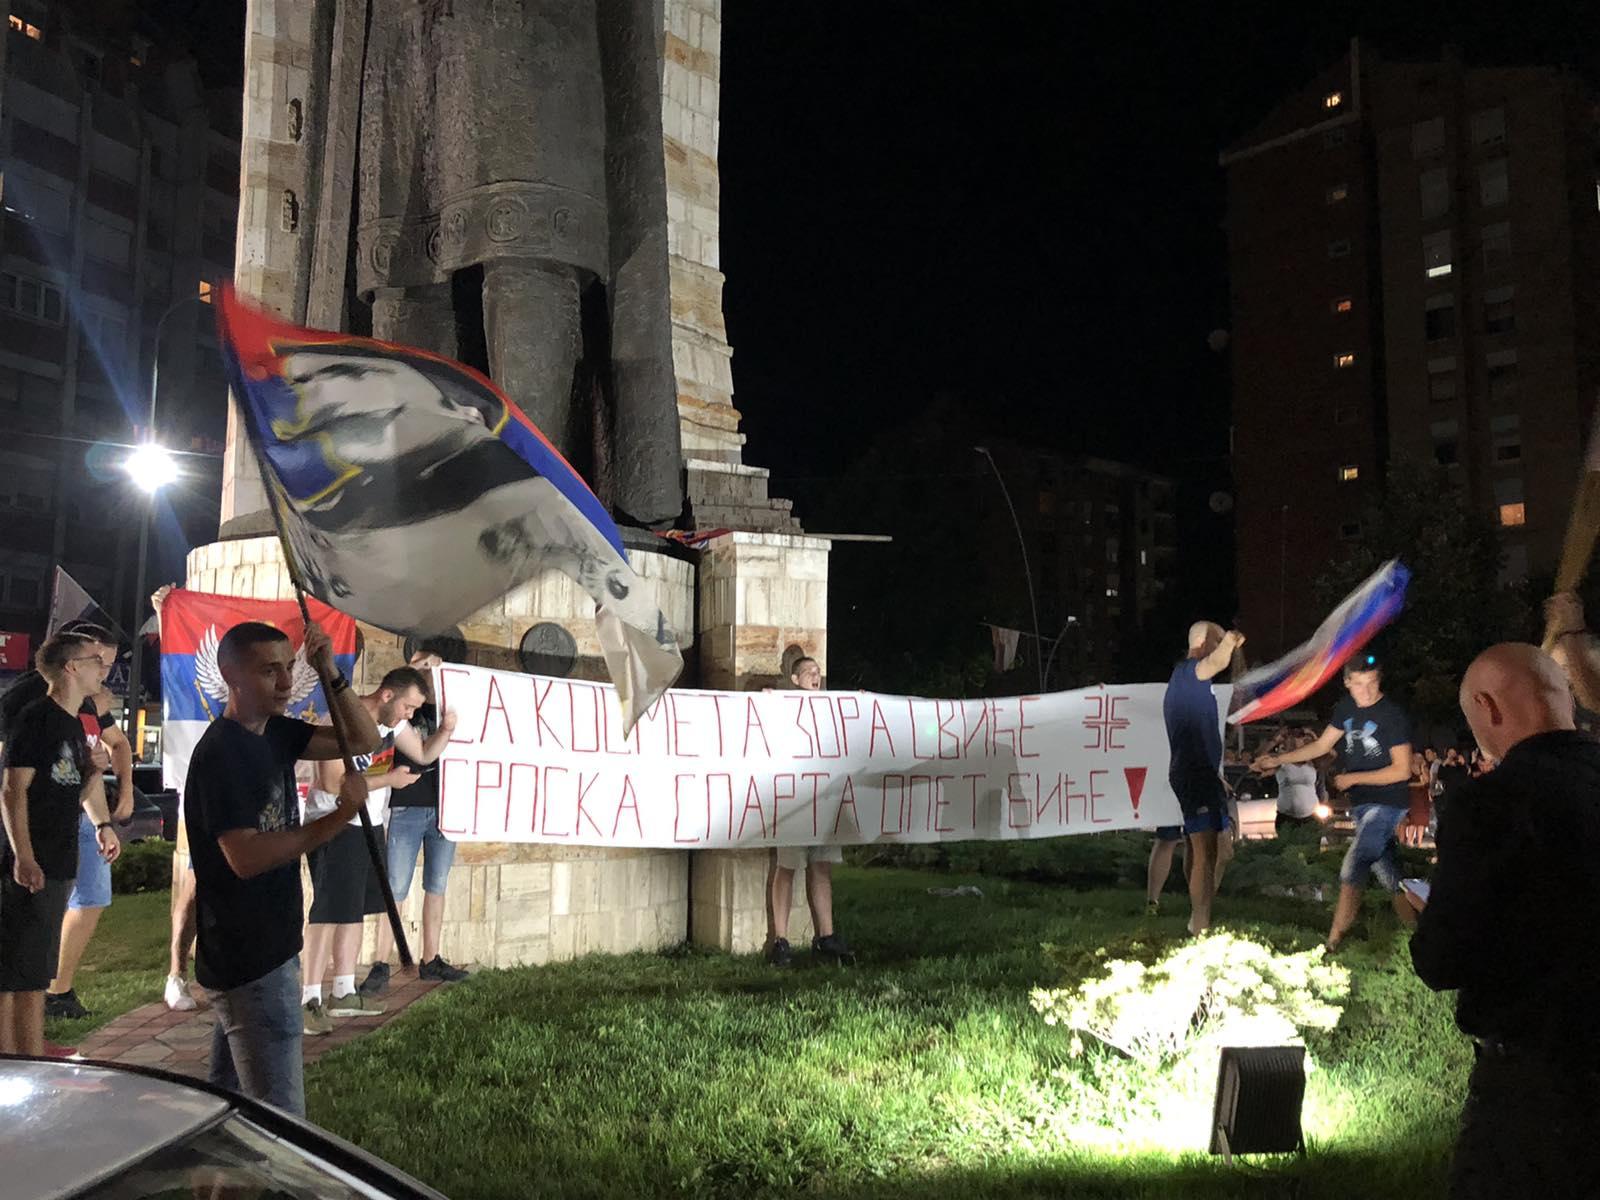 slavlje-na-ulicama-kosovske-mitrovice-posle-crnogorskih-izbora